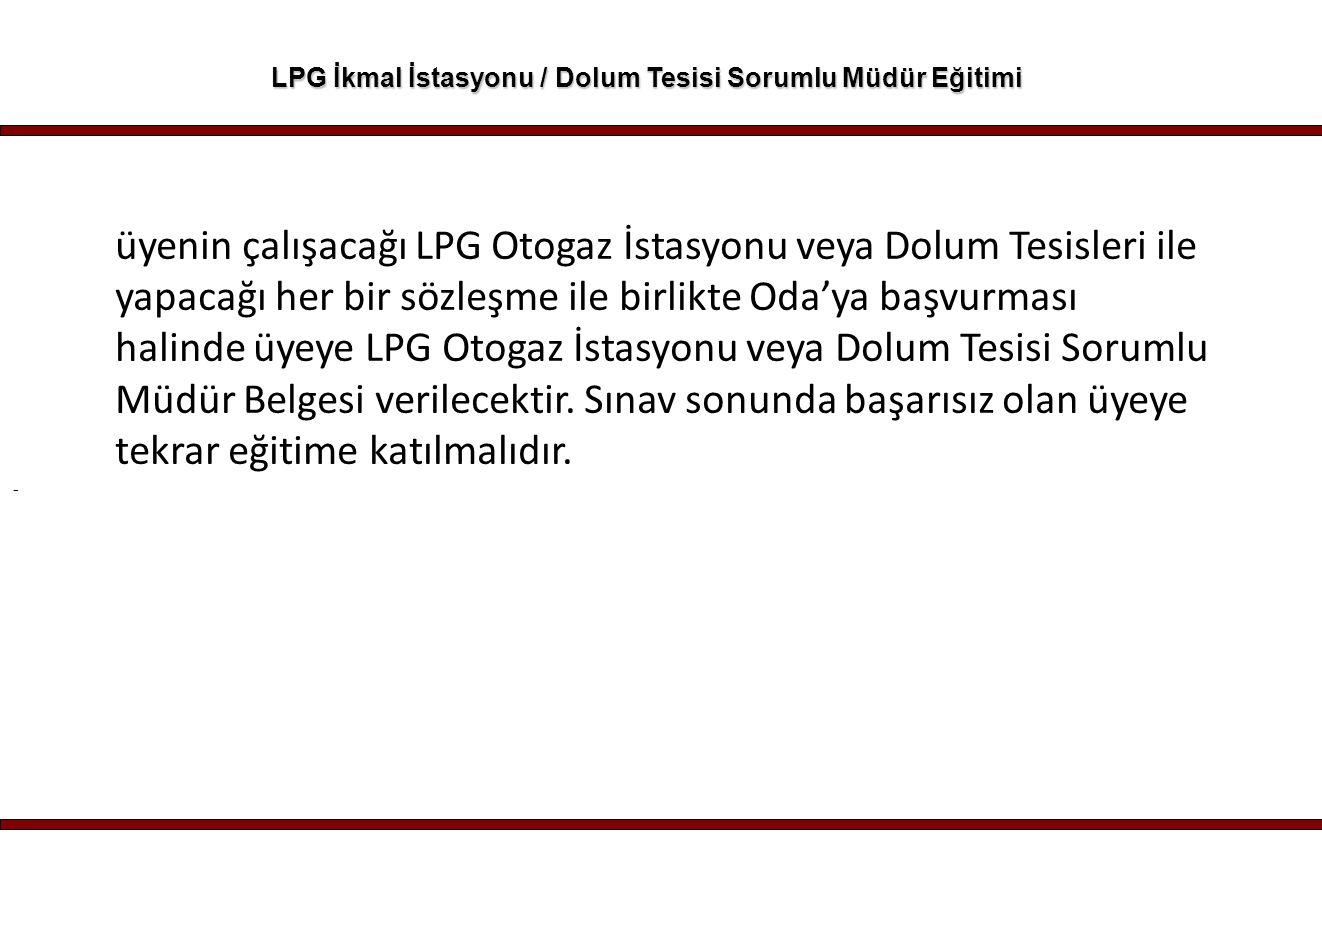 LPG İkmal İstasyonu / Dolum Tesisi Sorumlu Müdür Eğitimi